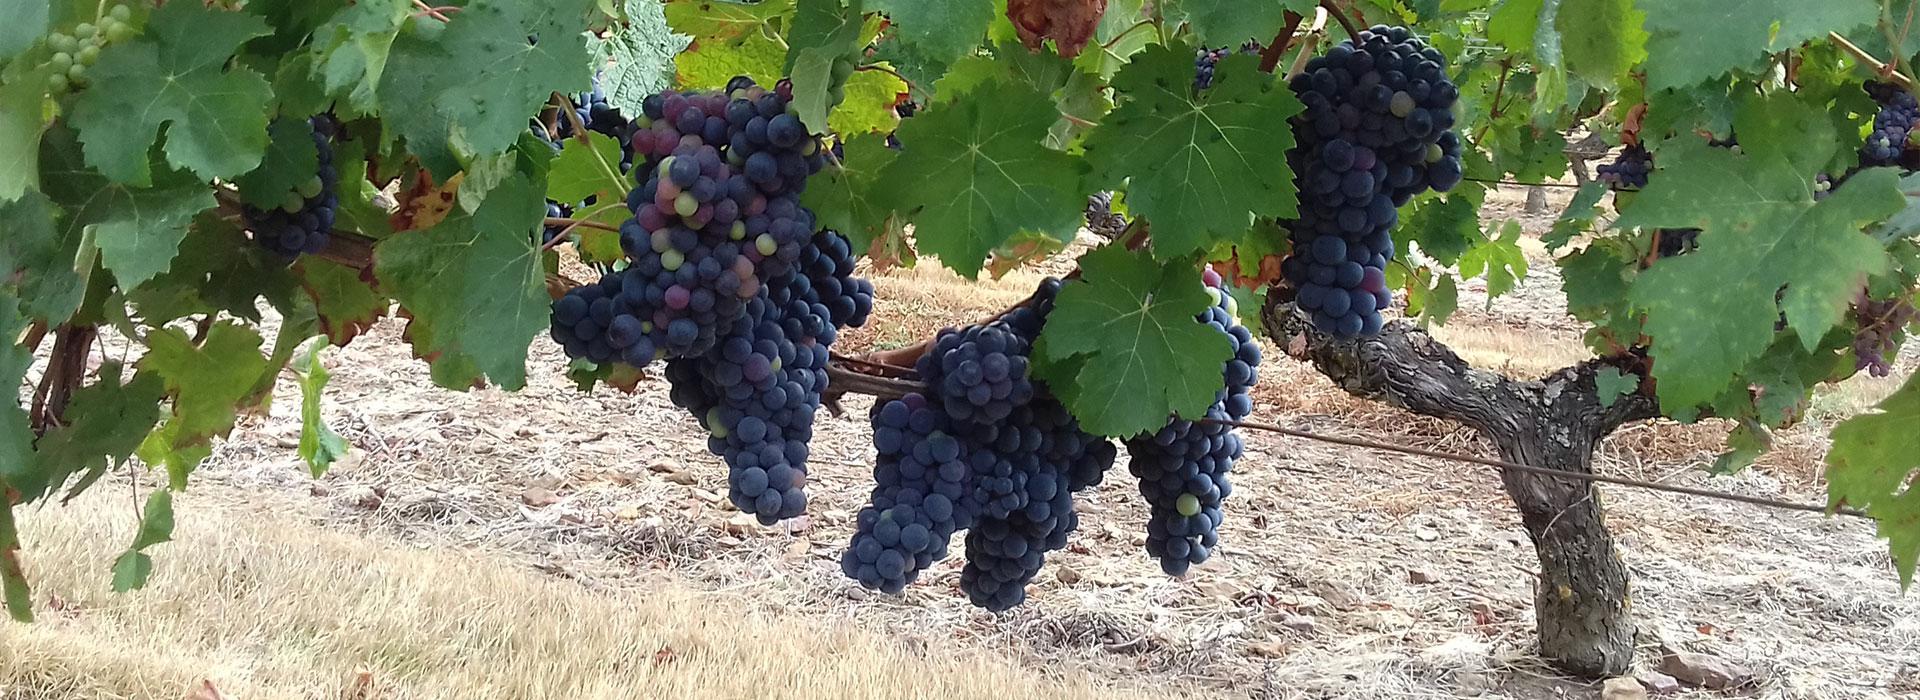 viticulteur 79